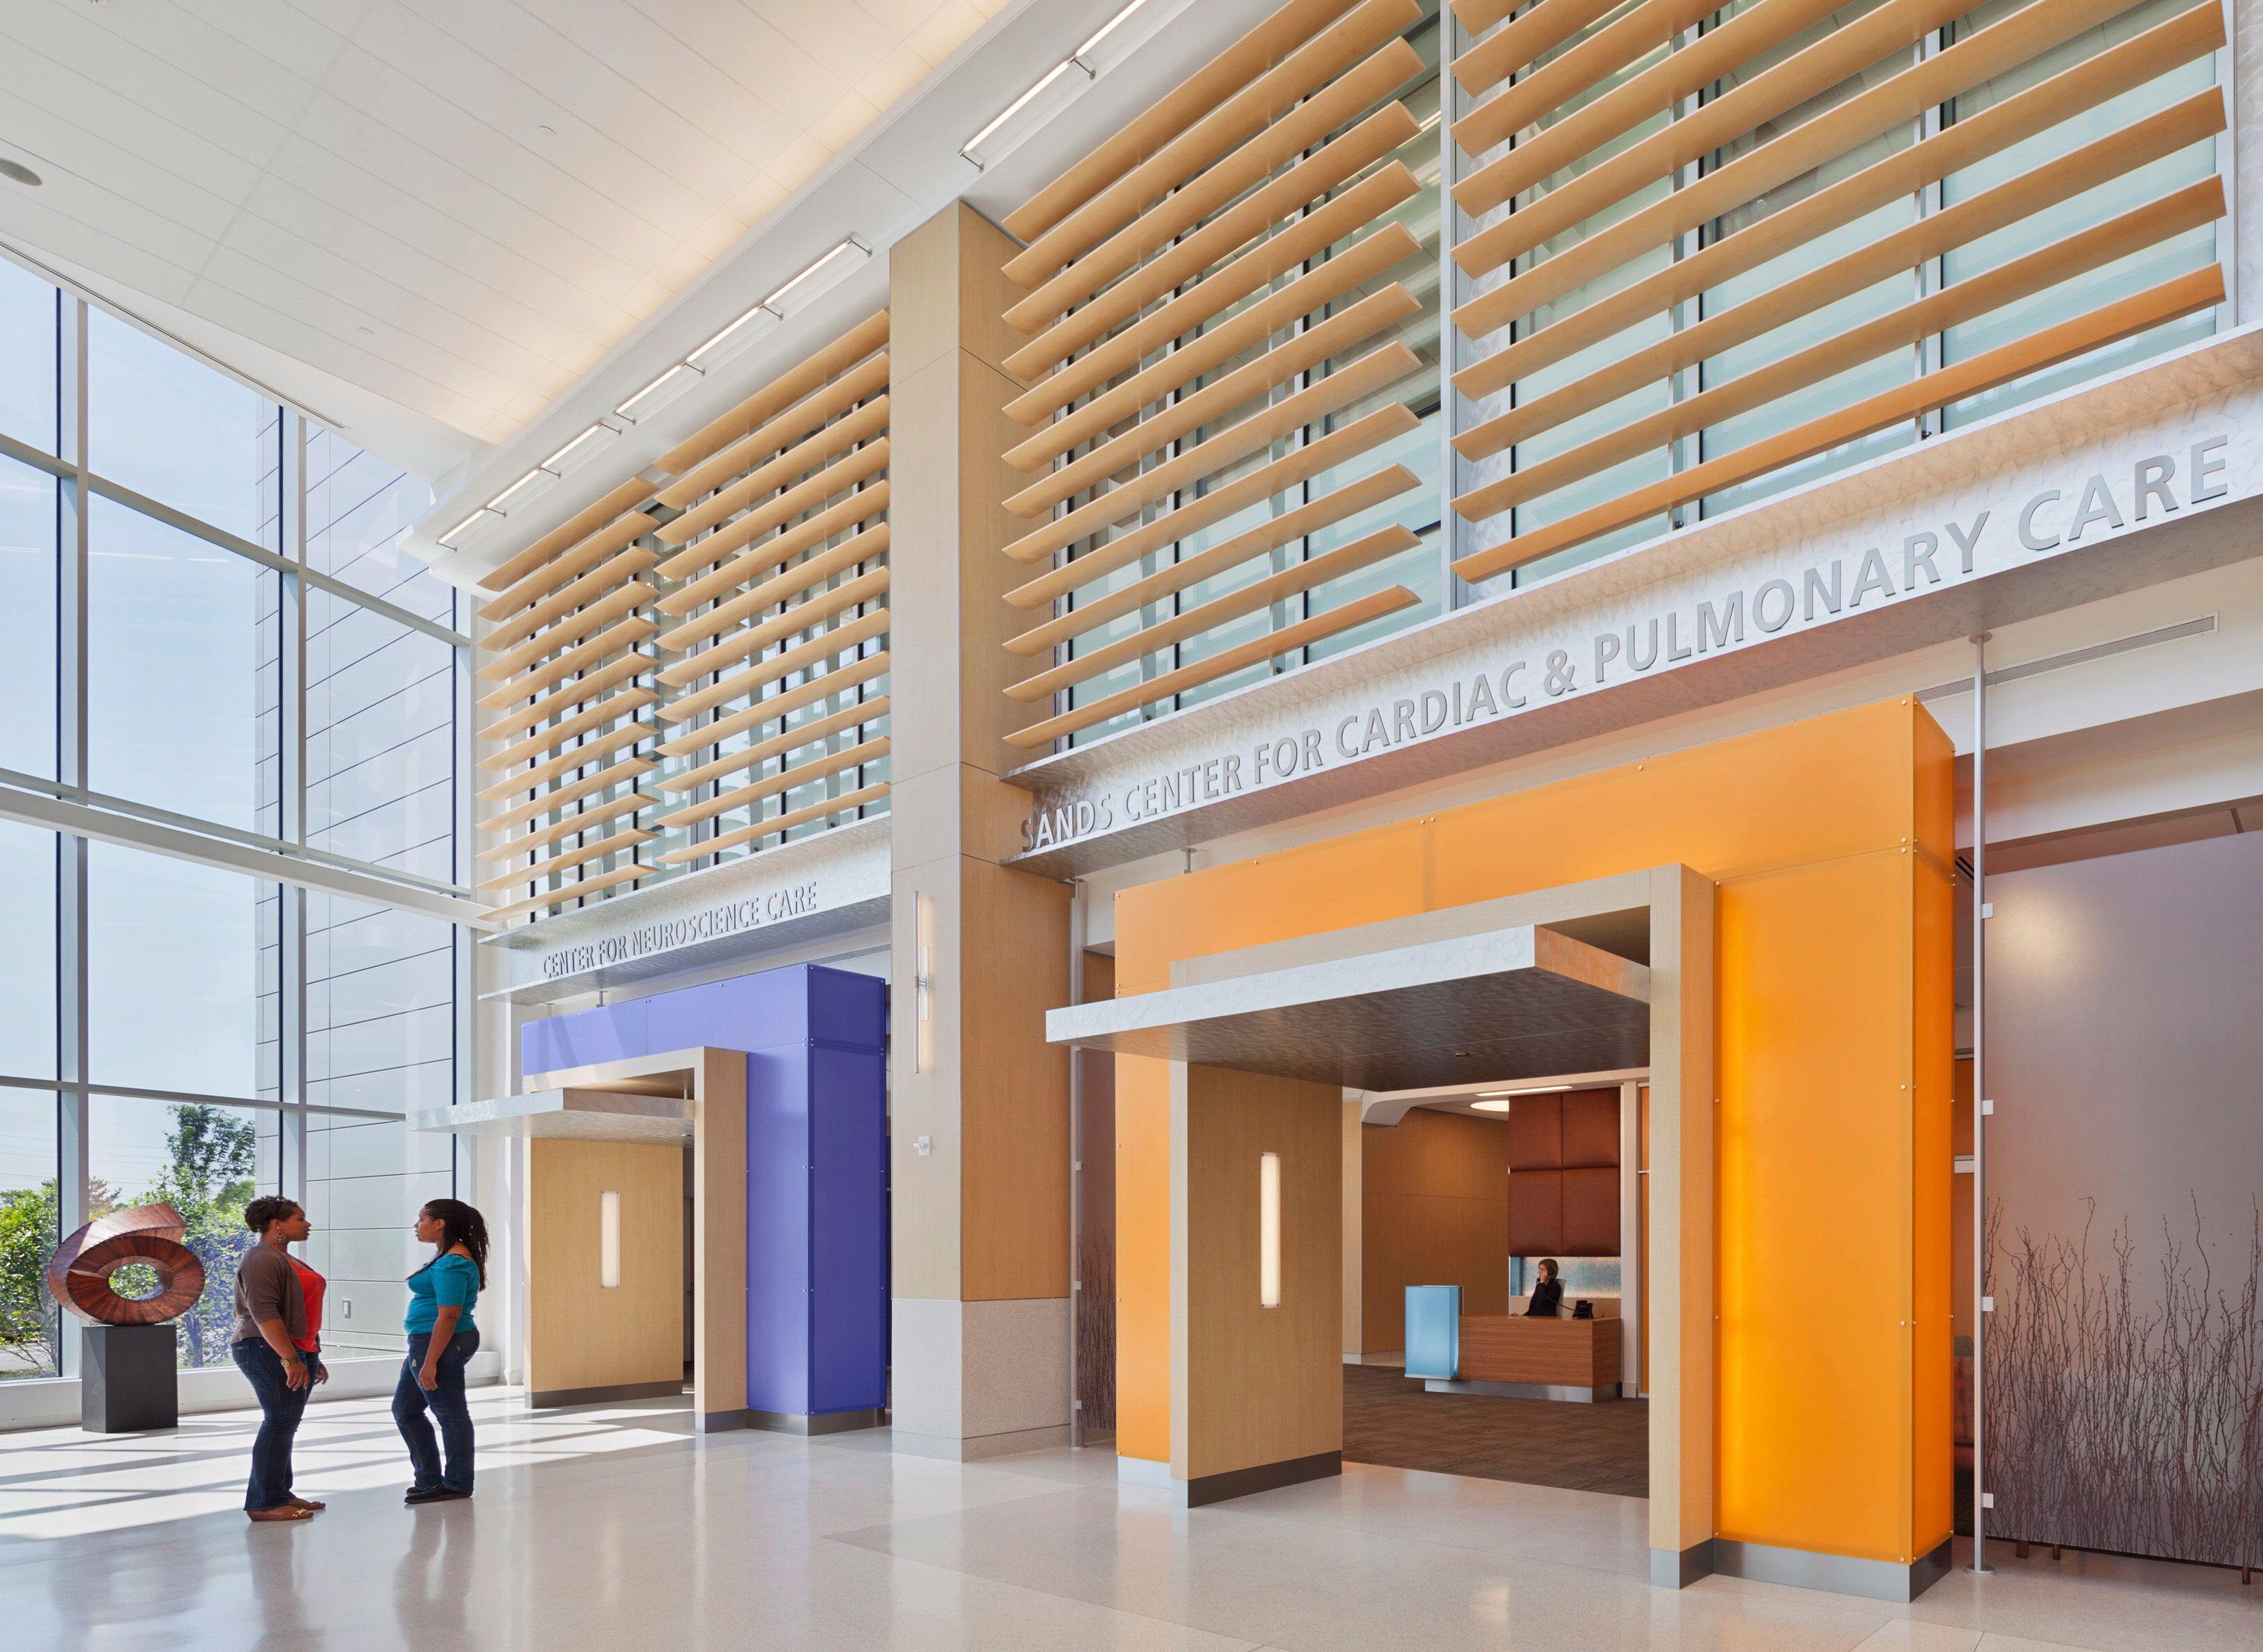 University Medical Center of Princeton Plainsboro, New